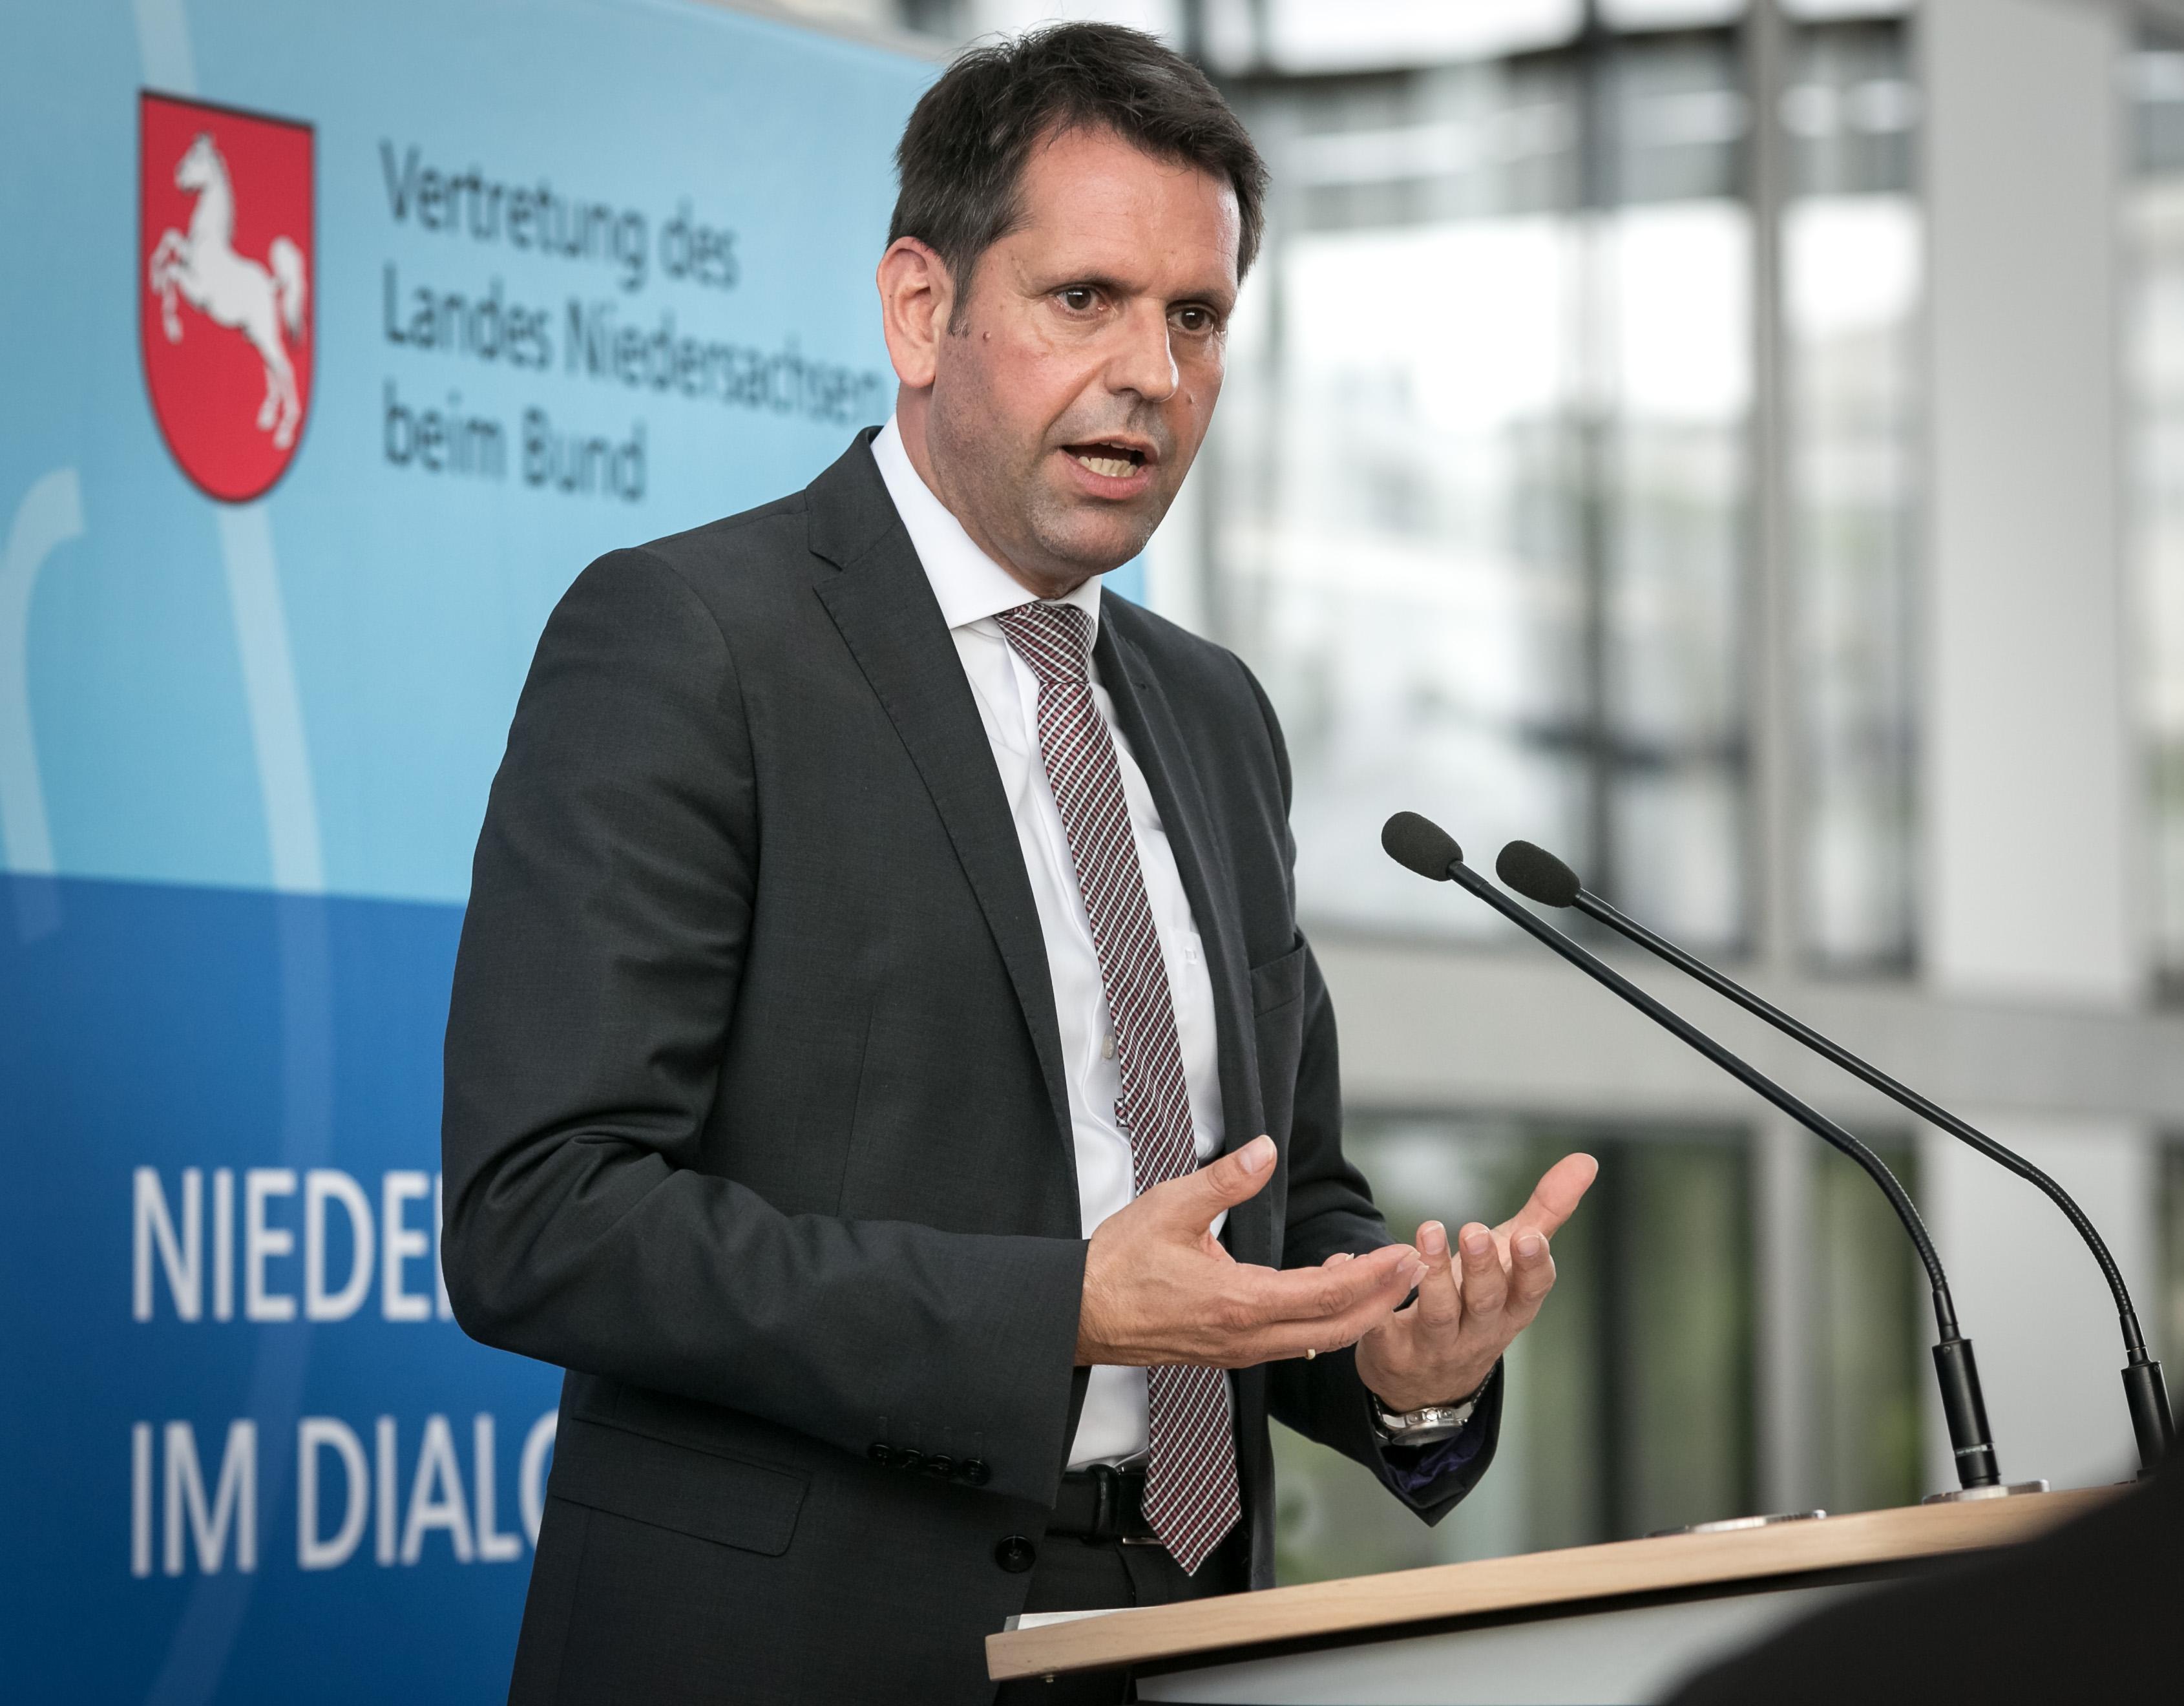 https://www.fuer-niedersachsen-in-berlin.de/wp-content/uploads/2014/05/02-Niedersachsen_Ross-Baer-1-von-1.jpg